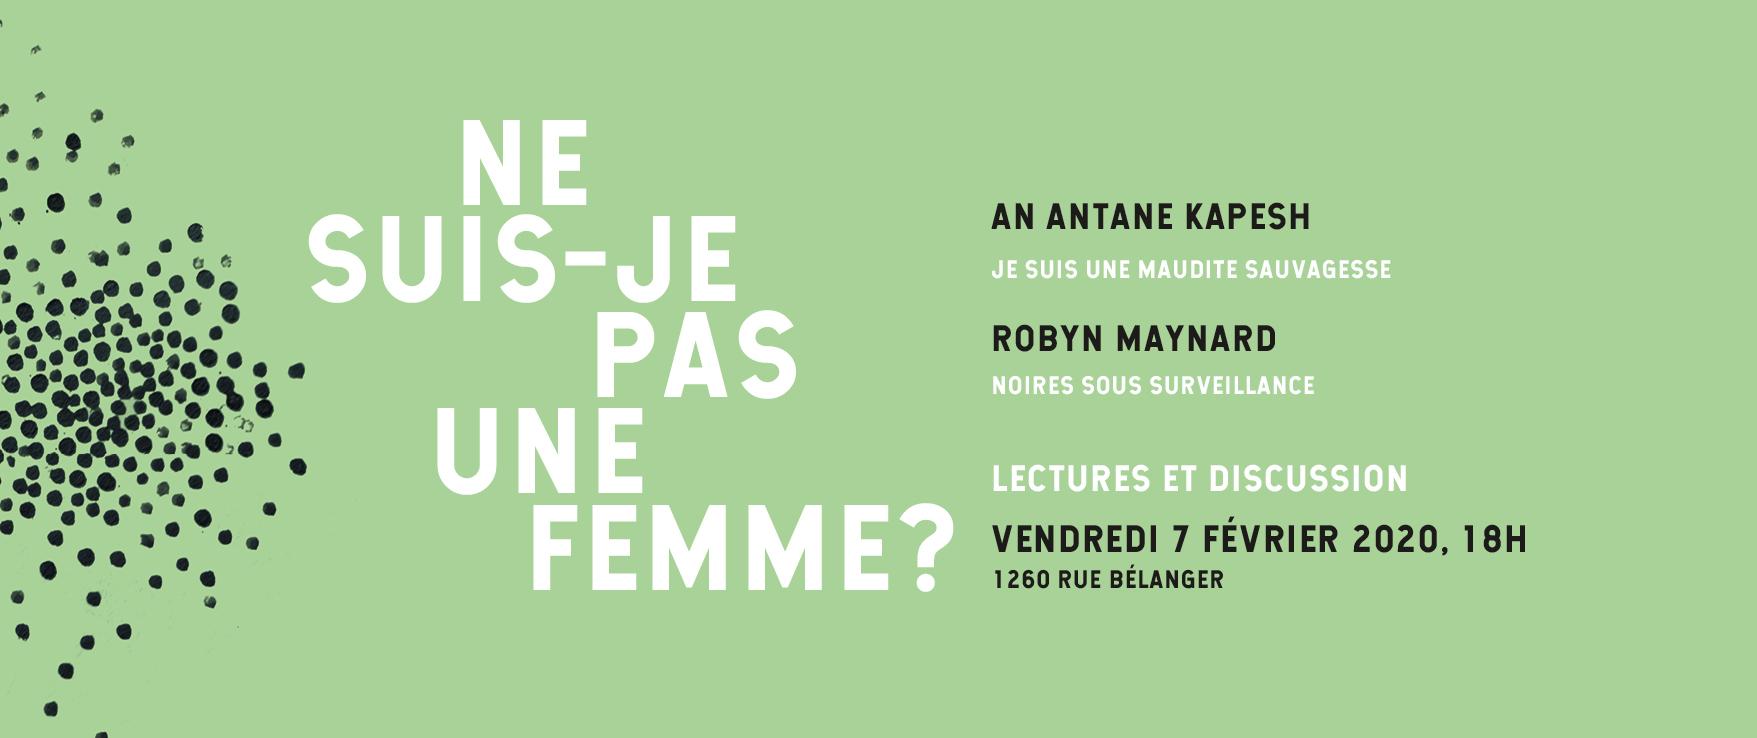 Lancement  Ne suis-je pas une femme? : Lire Maynard x Kapesh